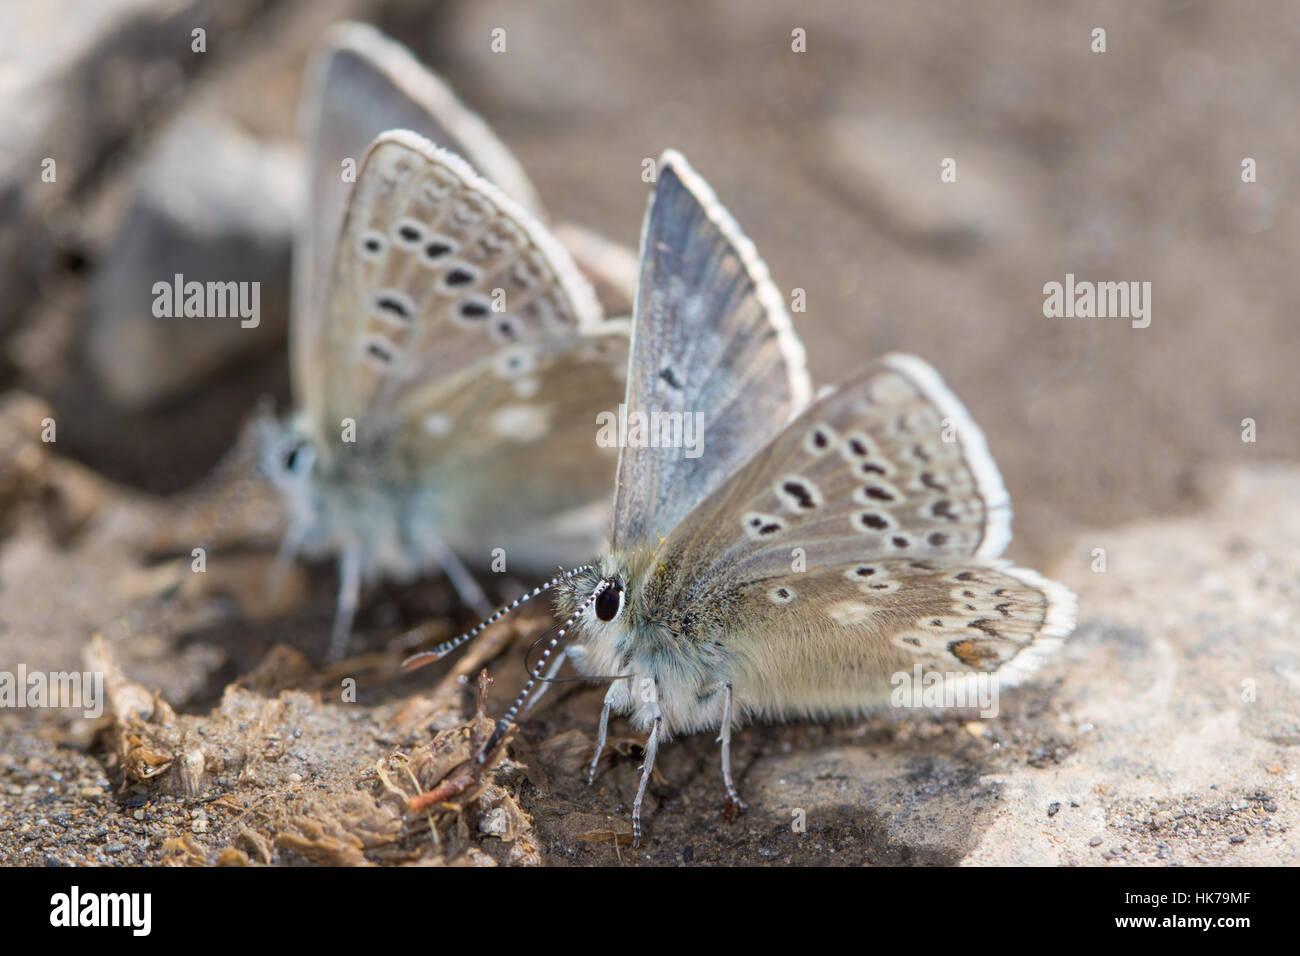 Coppia di Glandon blu (Plebejus glandon) farfalle alimentazione su minerali dal terreno umido Immagini Stock